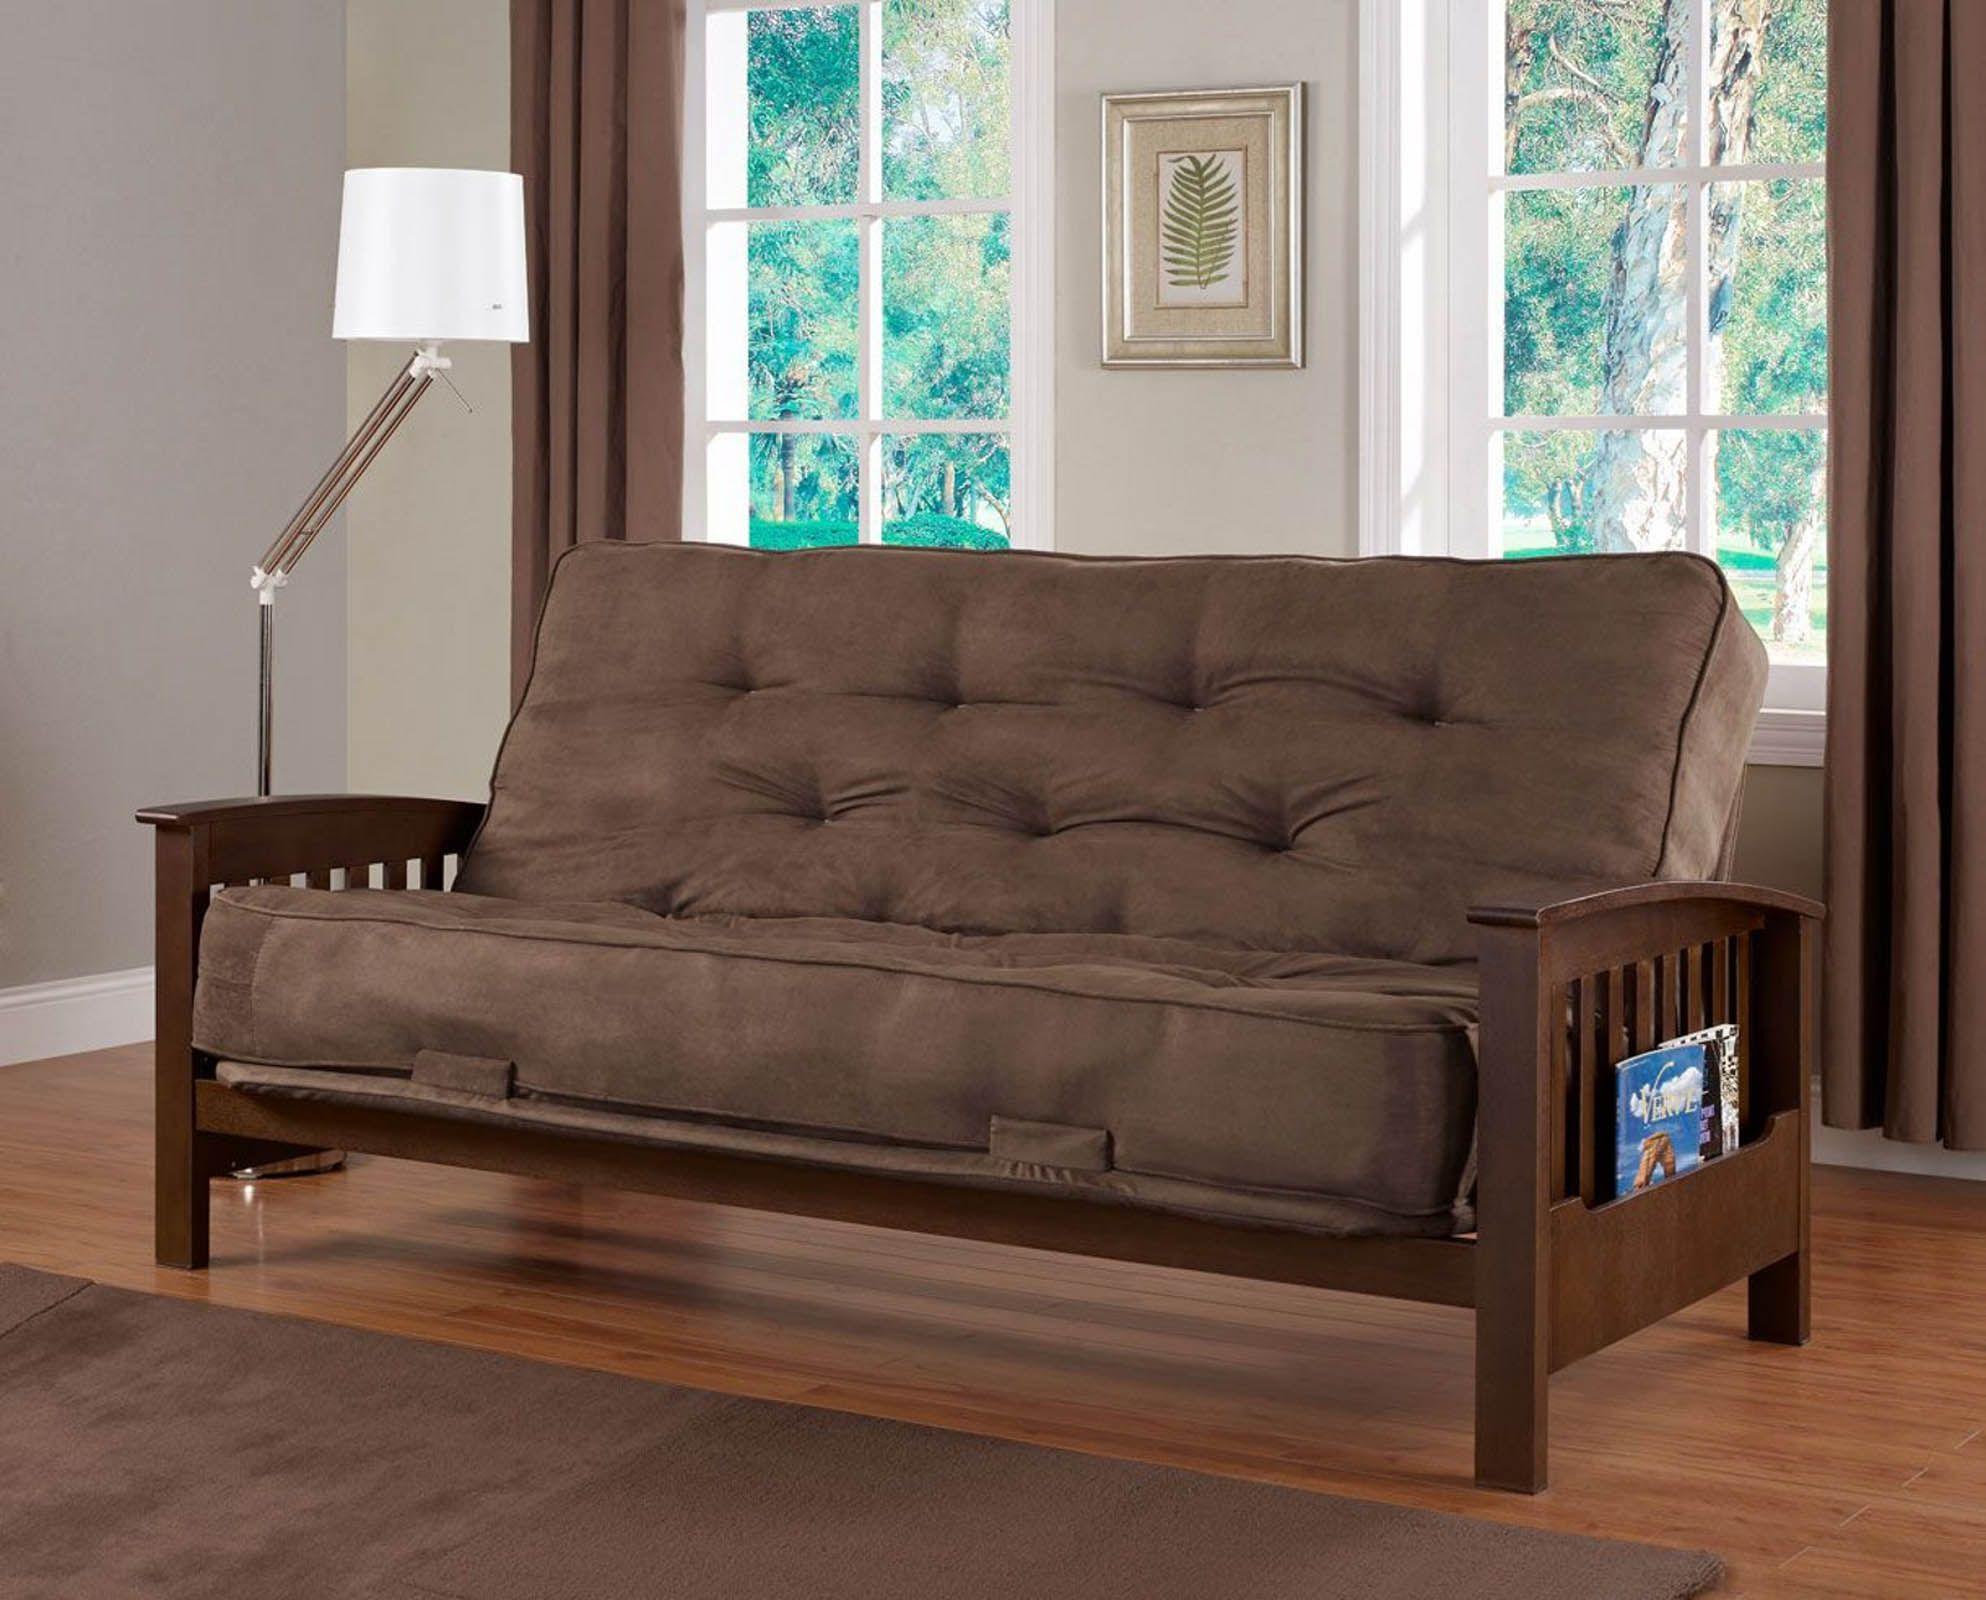 3220098 Hudson Futon Sears Outlet Futon sofa, Cheap